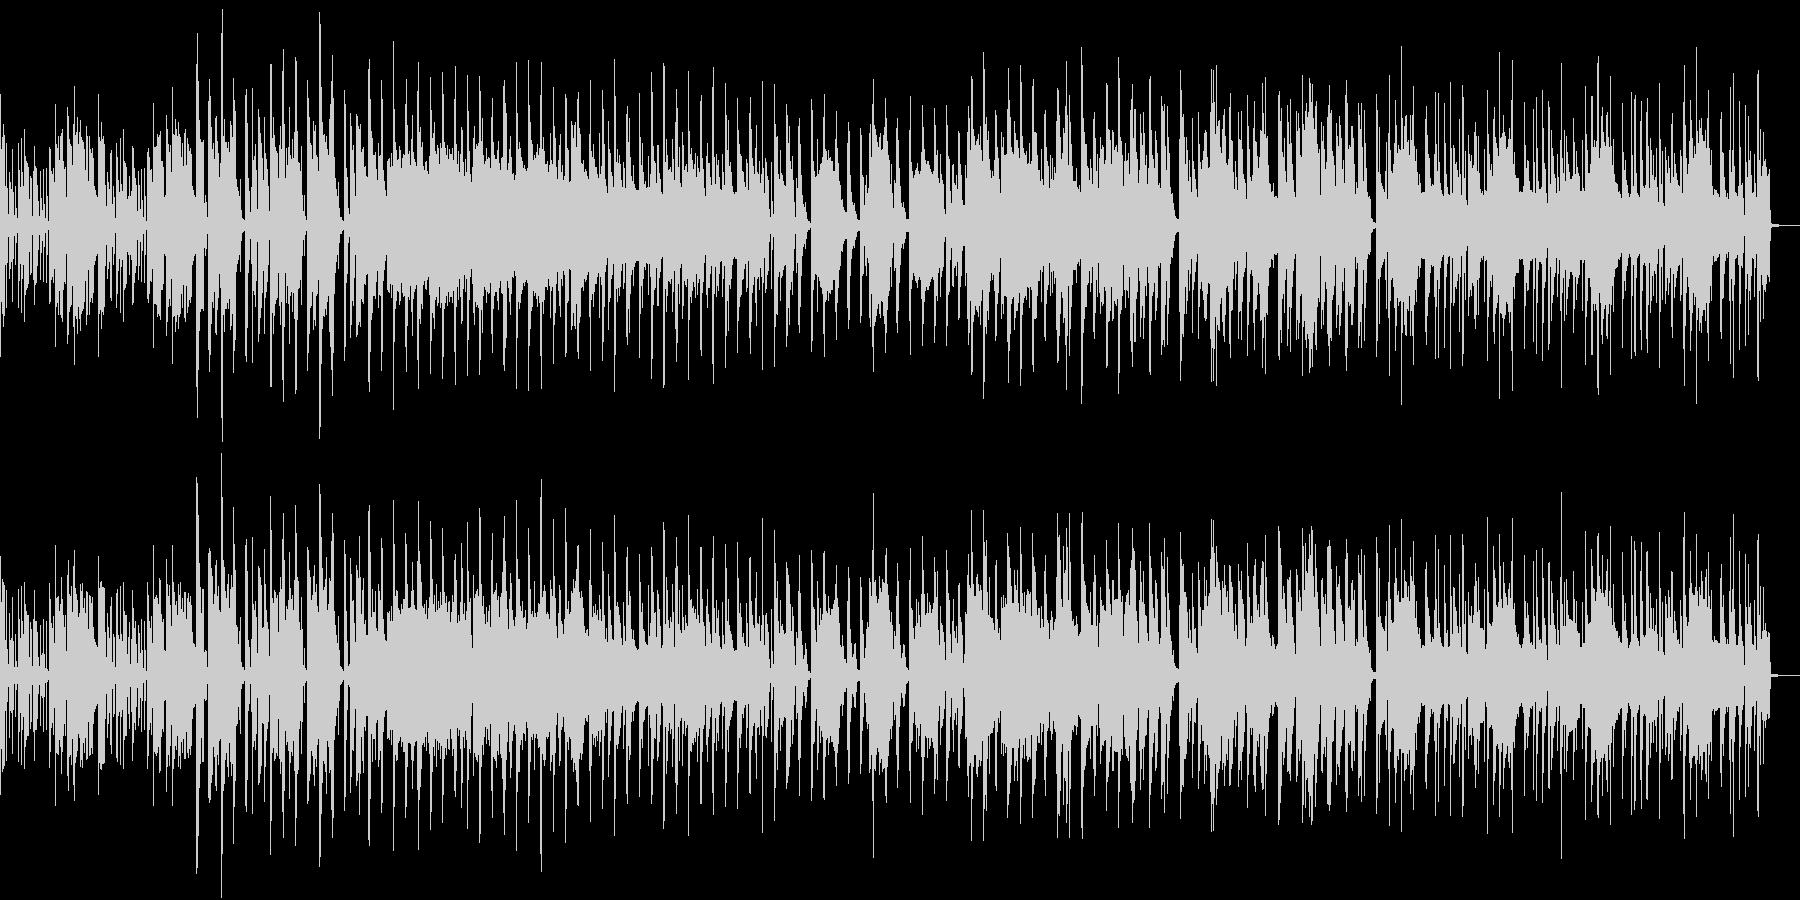 ファンキーな電子音楽の未再生の波形